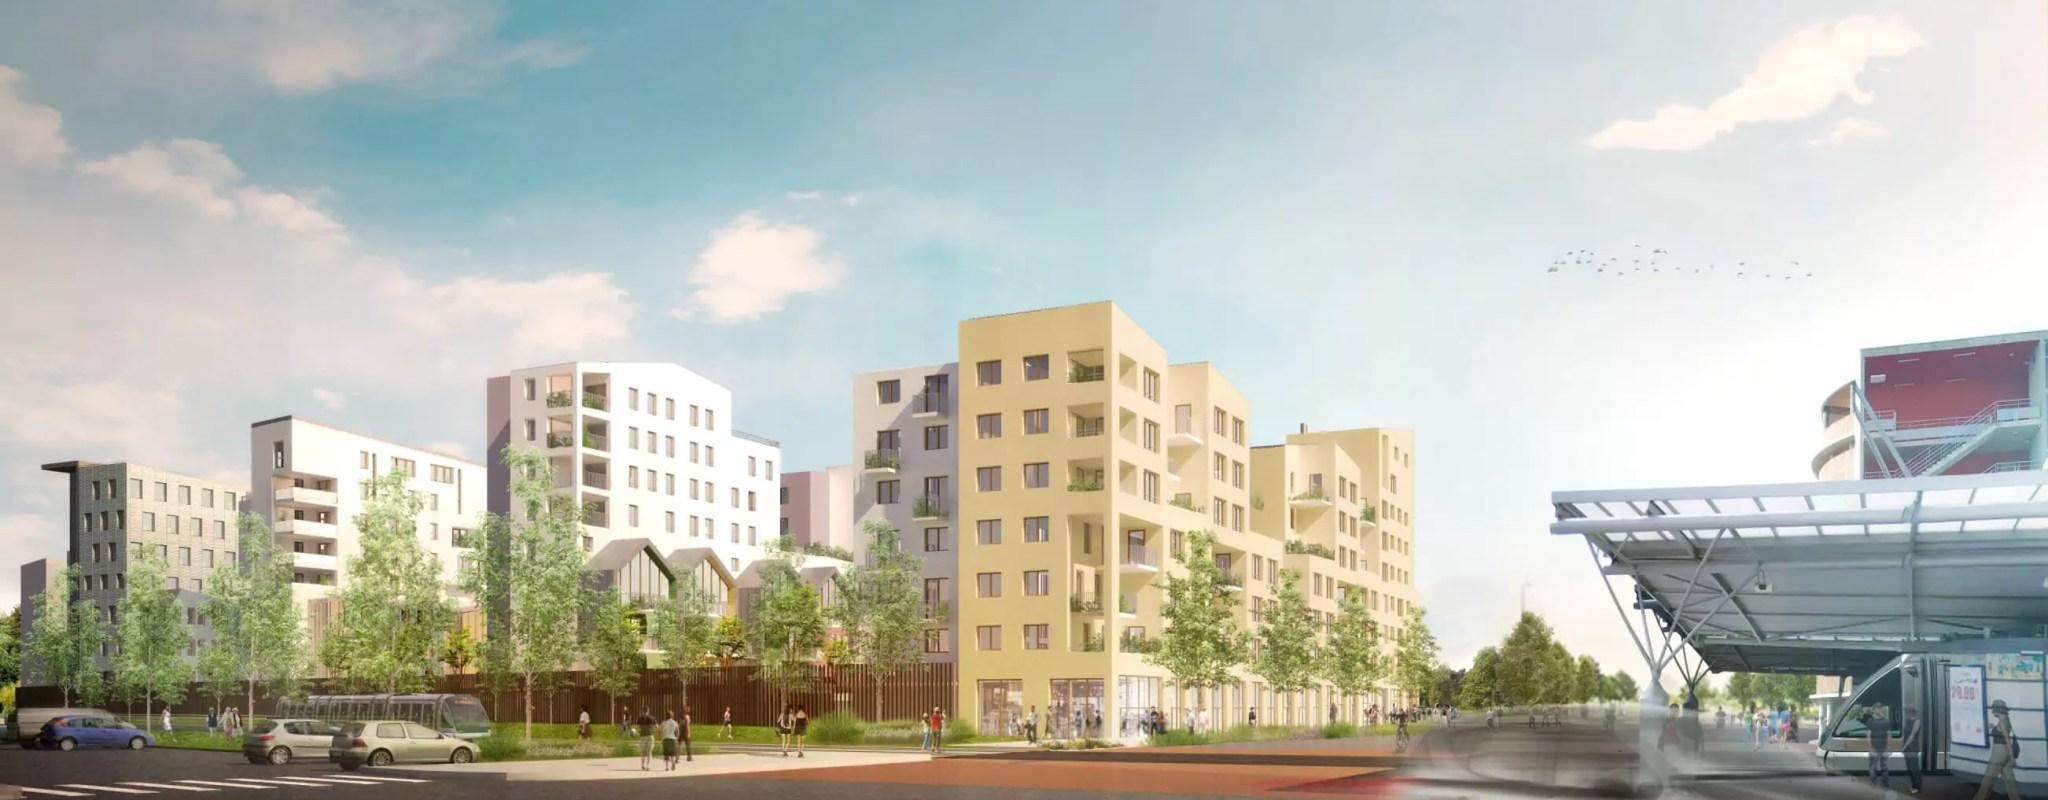 À Rotonde, un projet immobilier va bouleverser le quartier de Cronenbourg